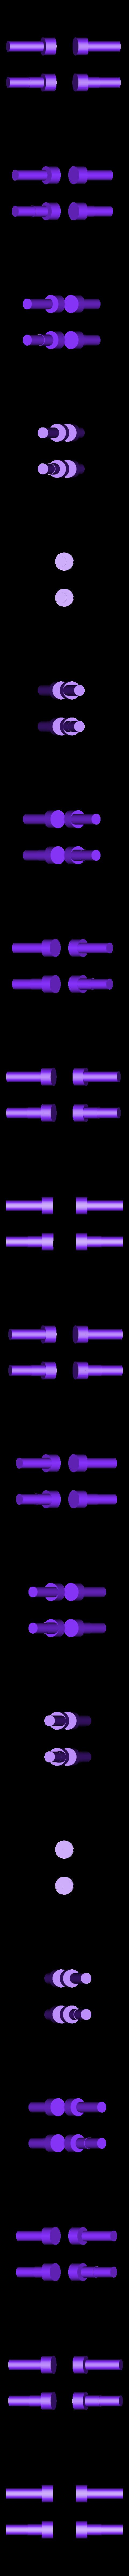 pin.STL Télécharger fichier STL gratuit Boîte avec charnières cachées et verrouillage à clic • Objet à imprimer en 3D, 3d-dragar